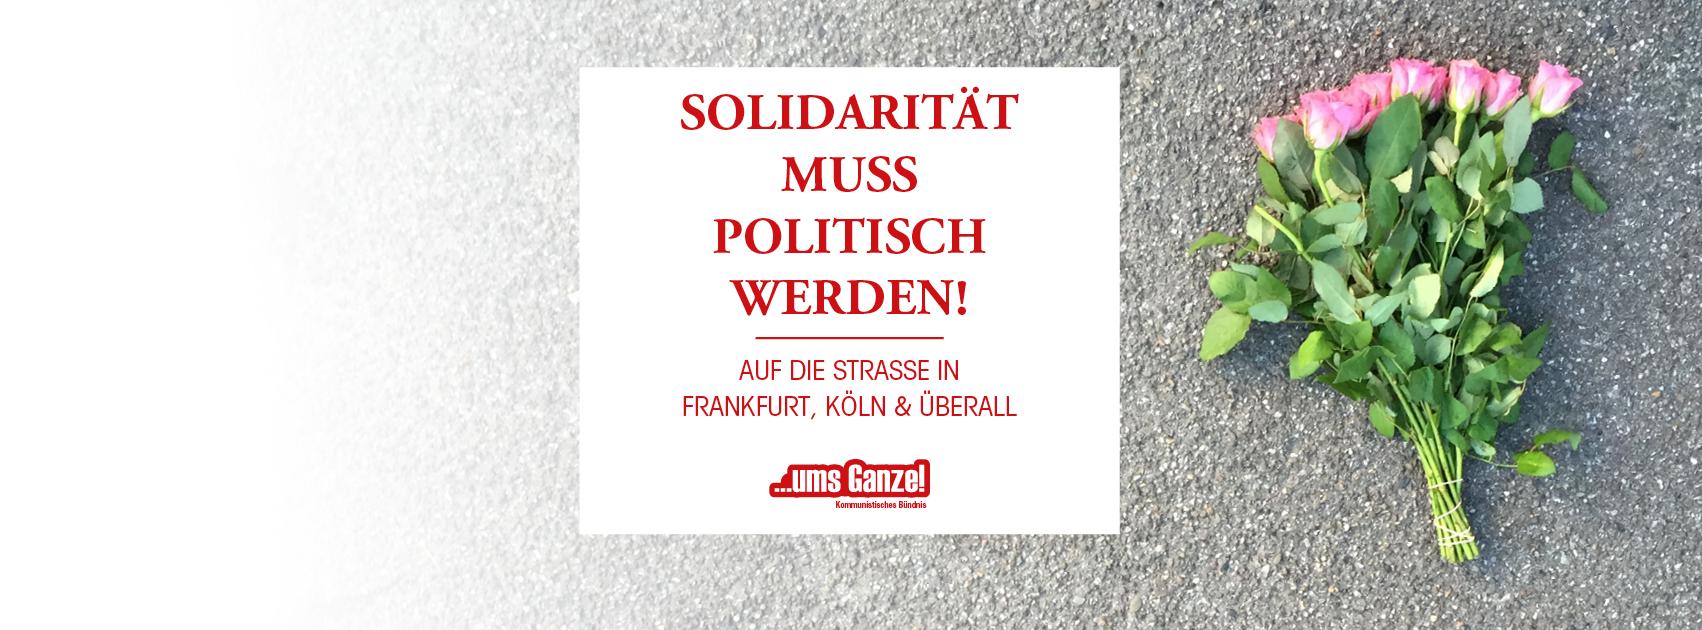 Solidarität muss politisch werden!